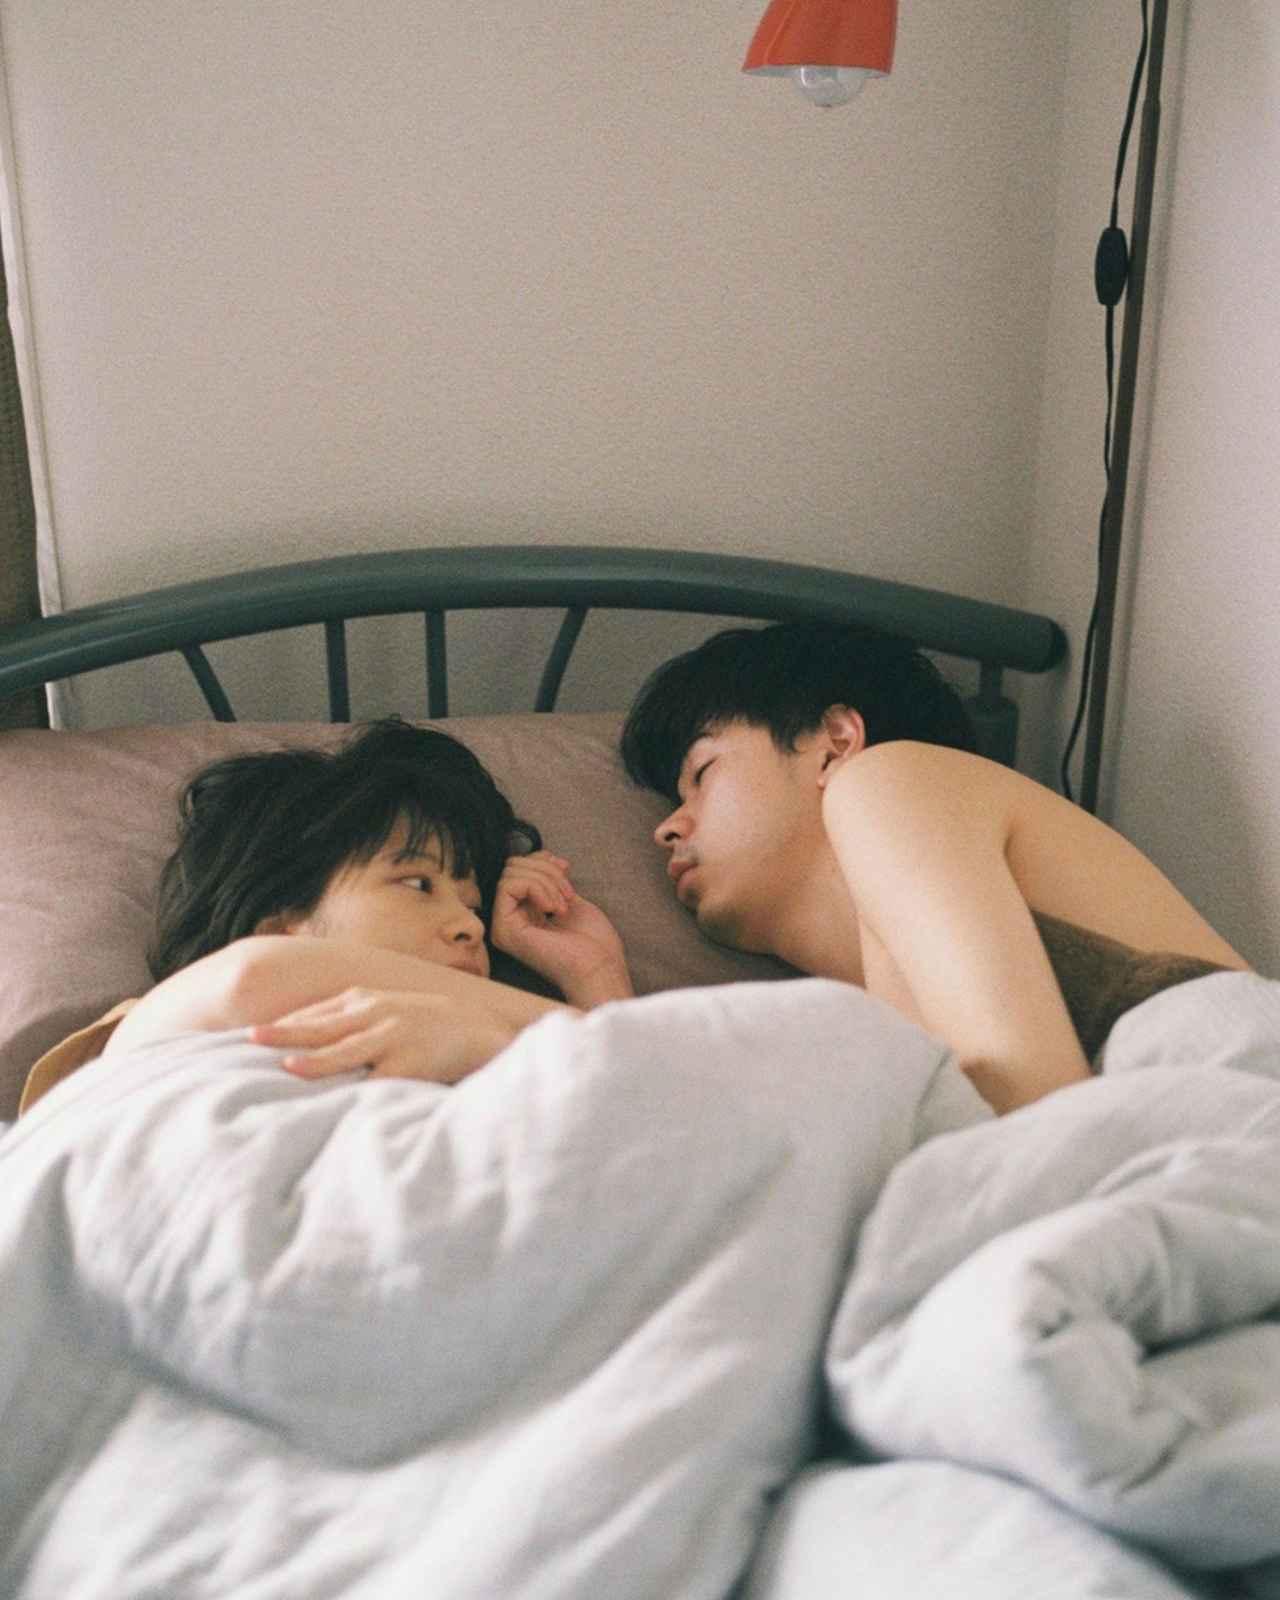 Images : 2番目の画像 - 「恋愛に勝ち負けなんかない――。 原作者・角田光代が語る 究極の片思い映画『愛がなんだ』」のアルバム - T JAPAN:The New York Times Style Magazine 公式サイト